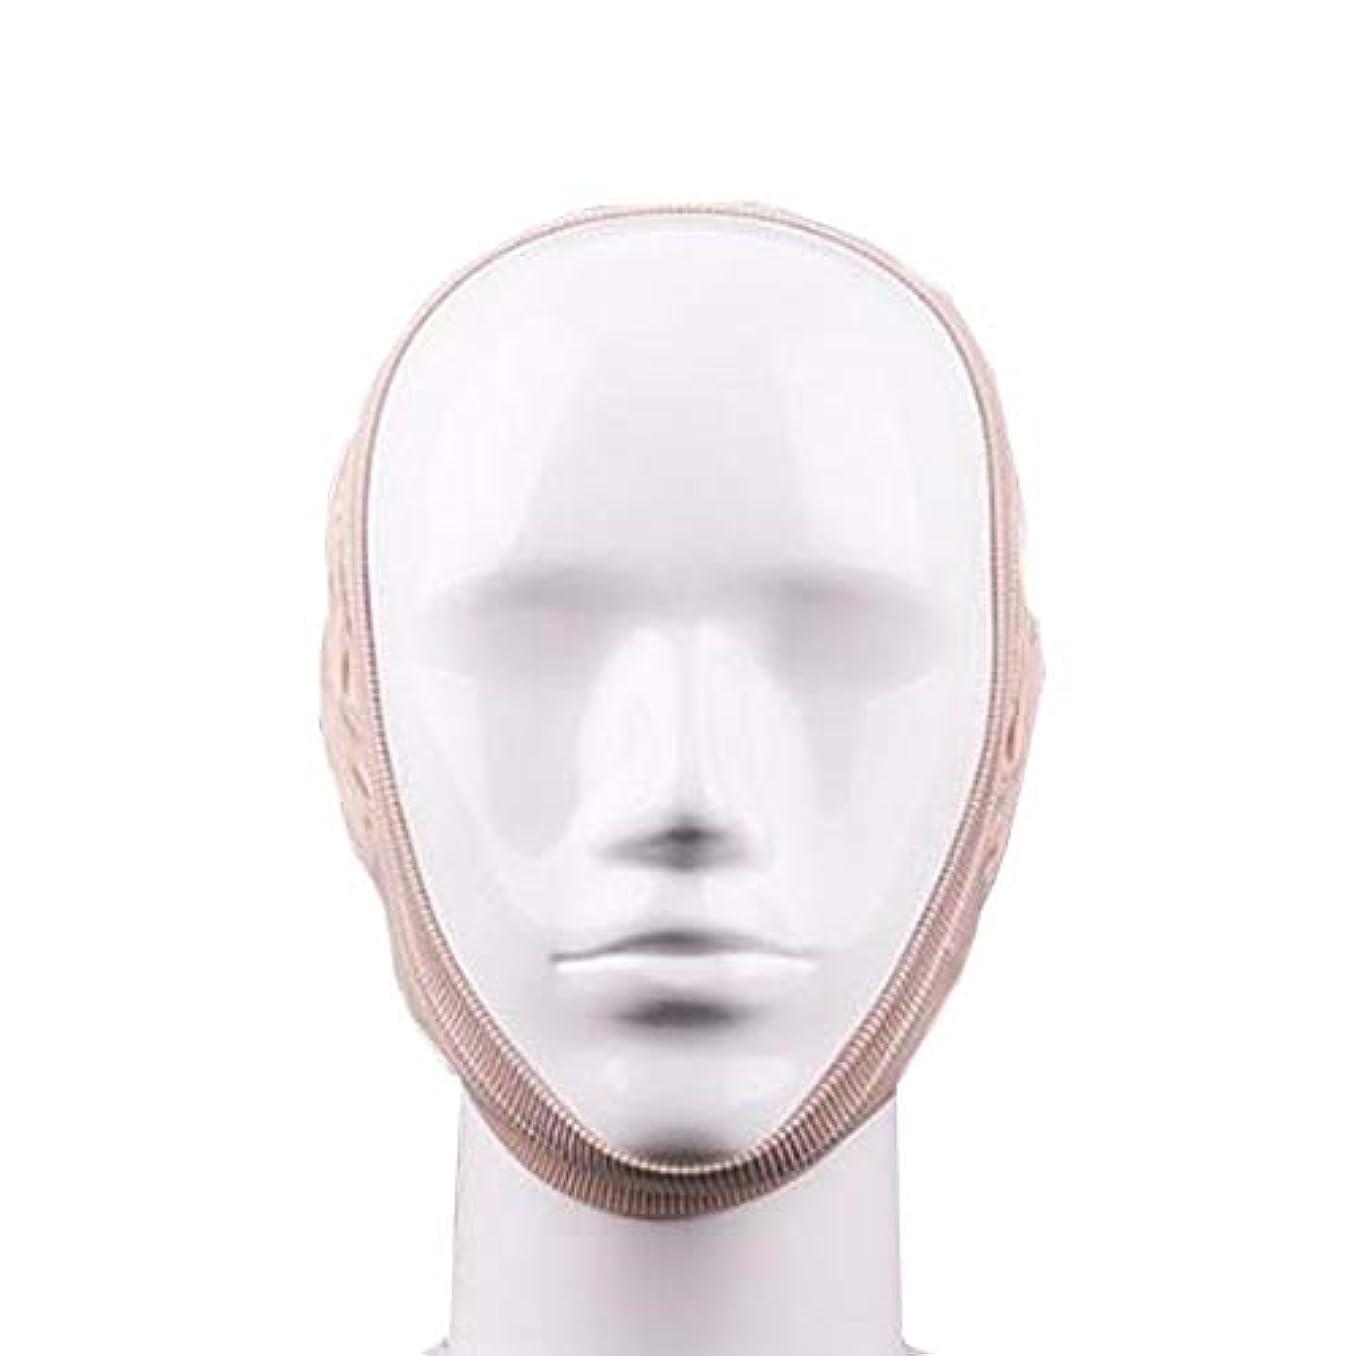 エスカレーター広告主マザーランドZWBD フェイスマスク, 顔の包帯の形成を強化するための術後回復包帯リフティングシェイプマスクを刻むVフェイスアーティファクトスモールフェイスマスクライン (Color : B)